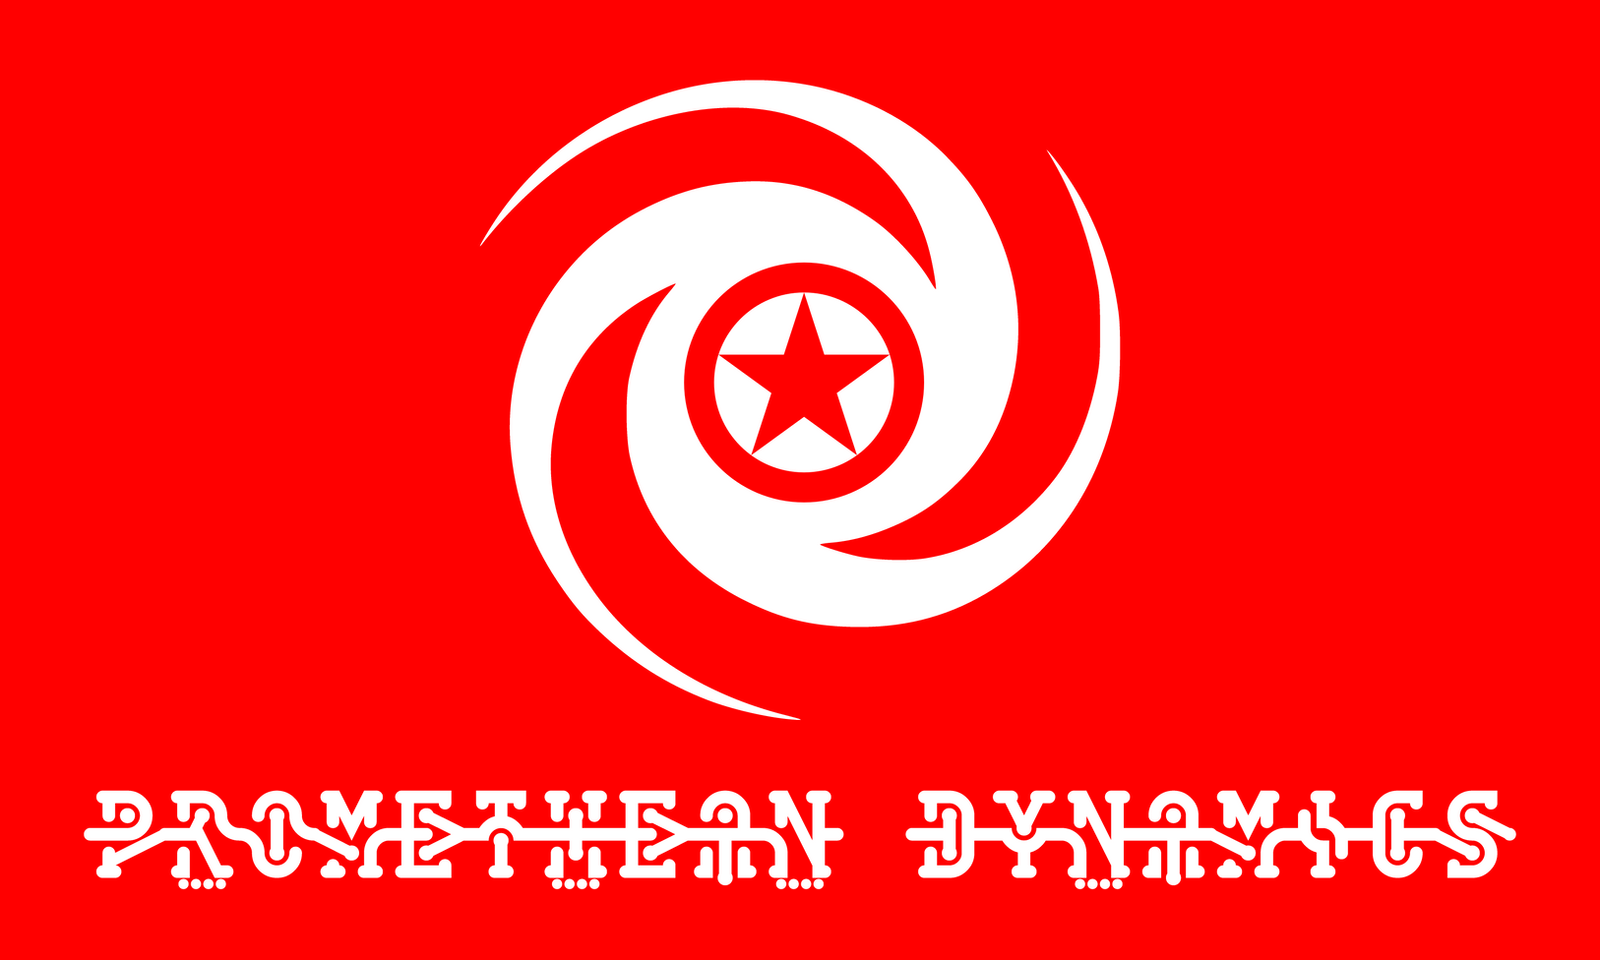 Promethean Dynamics by achaley